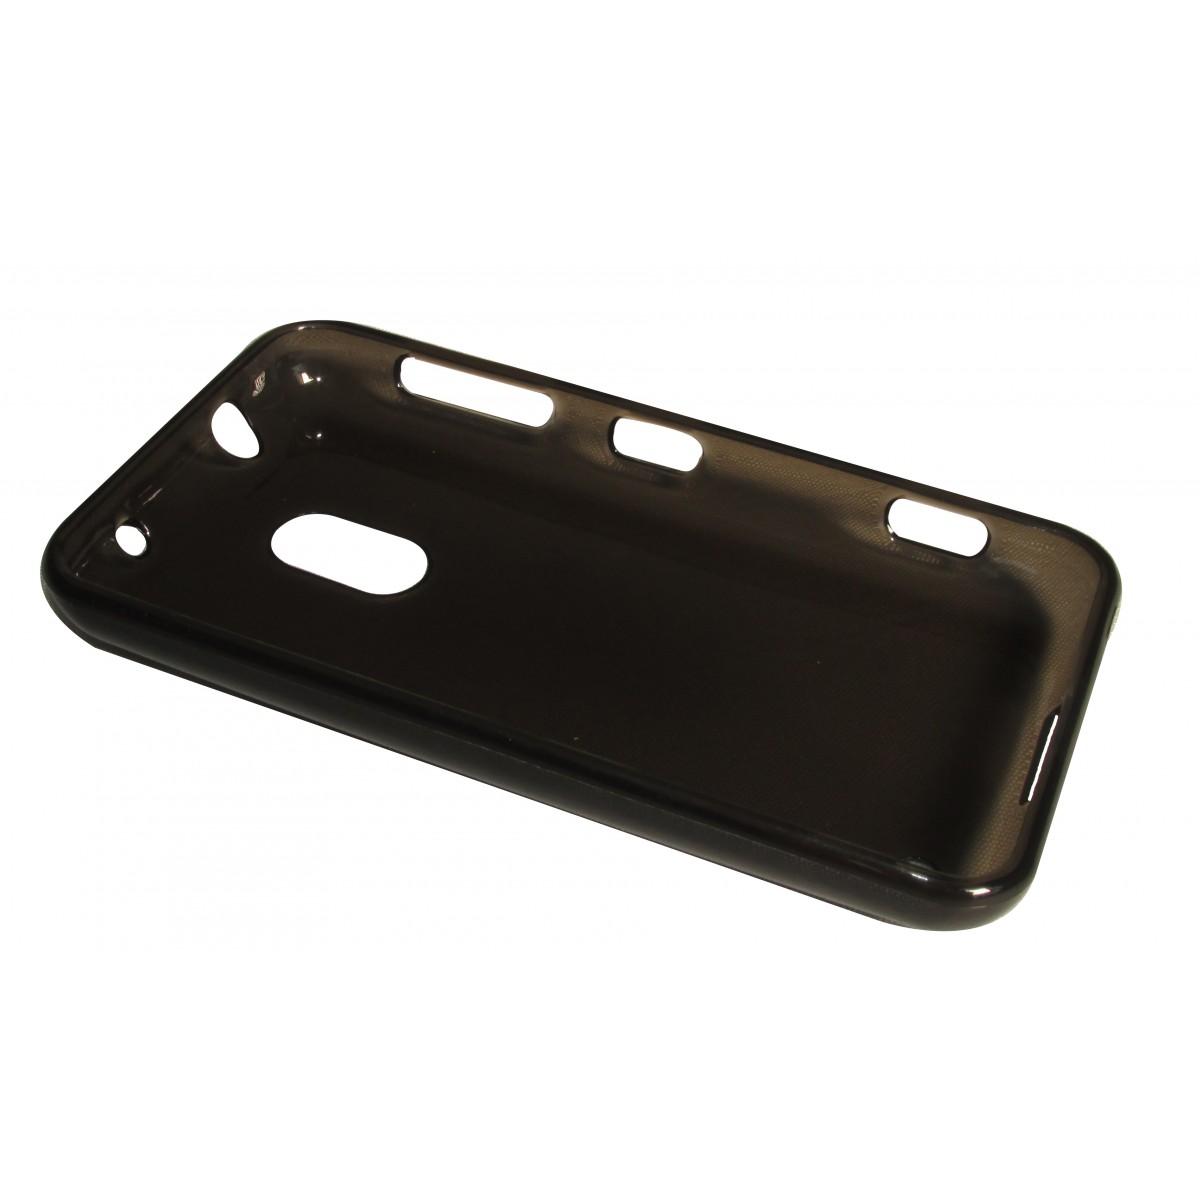 Capa TPU Grafite Nokia Lumia 620 N620 + Pelicula Flexível